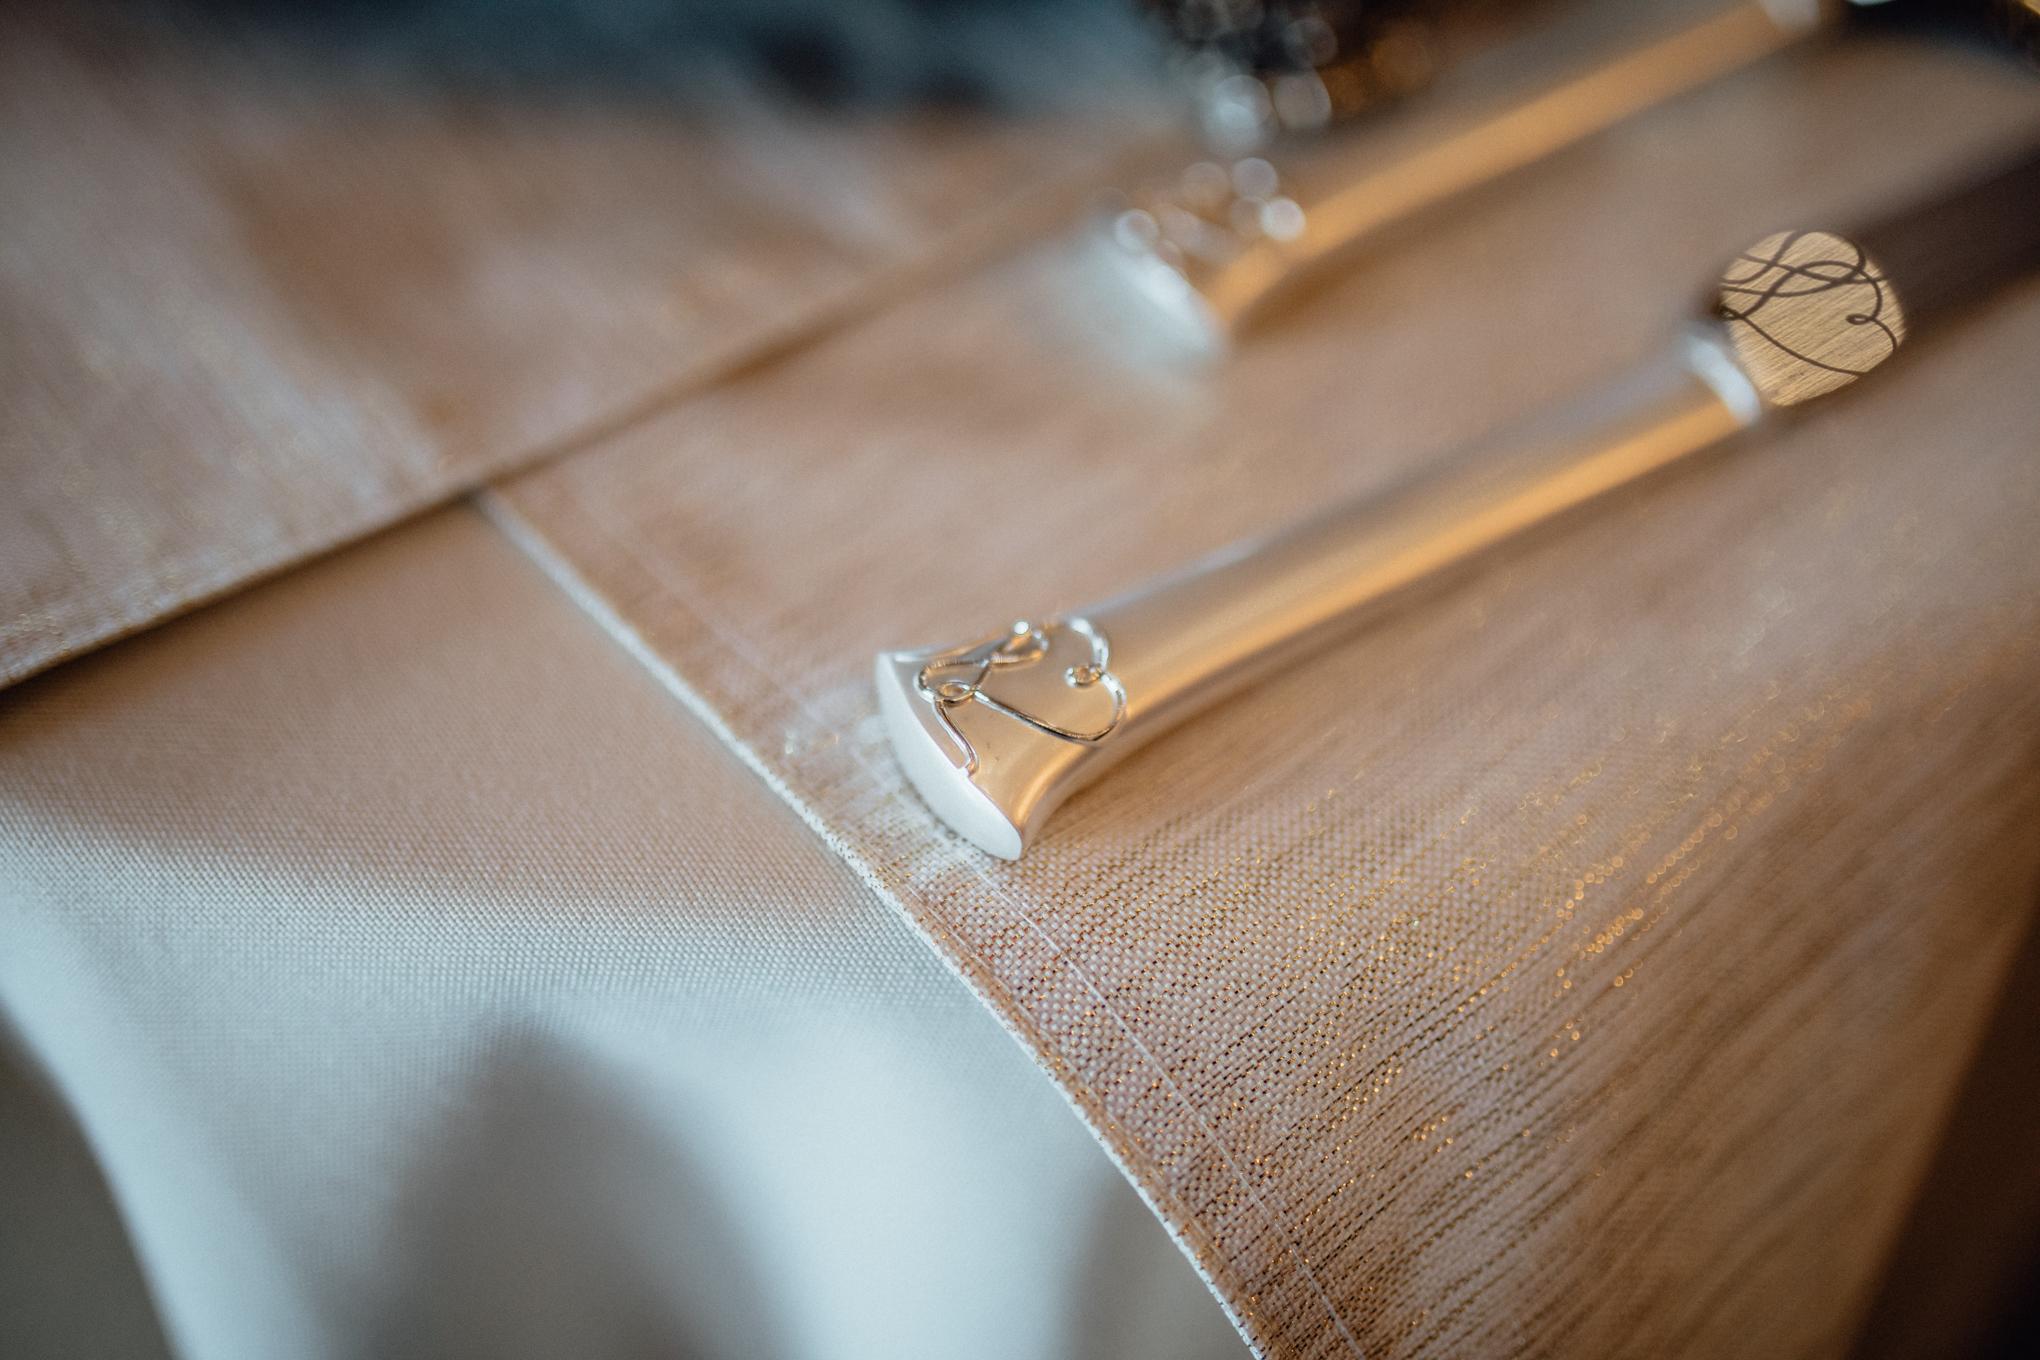 close-up-of-cake-knife-details.jpg